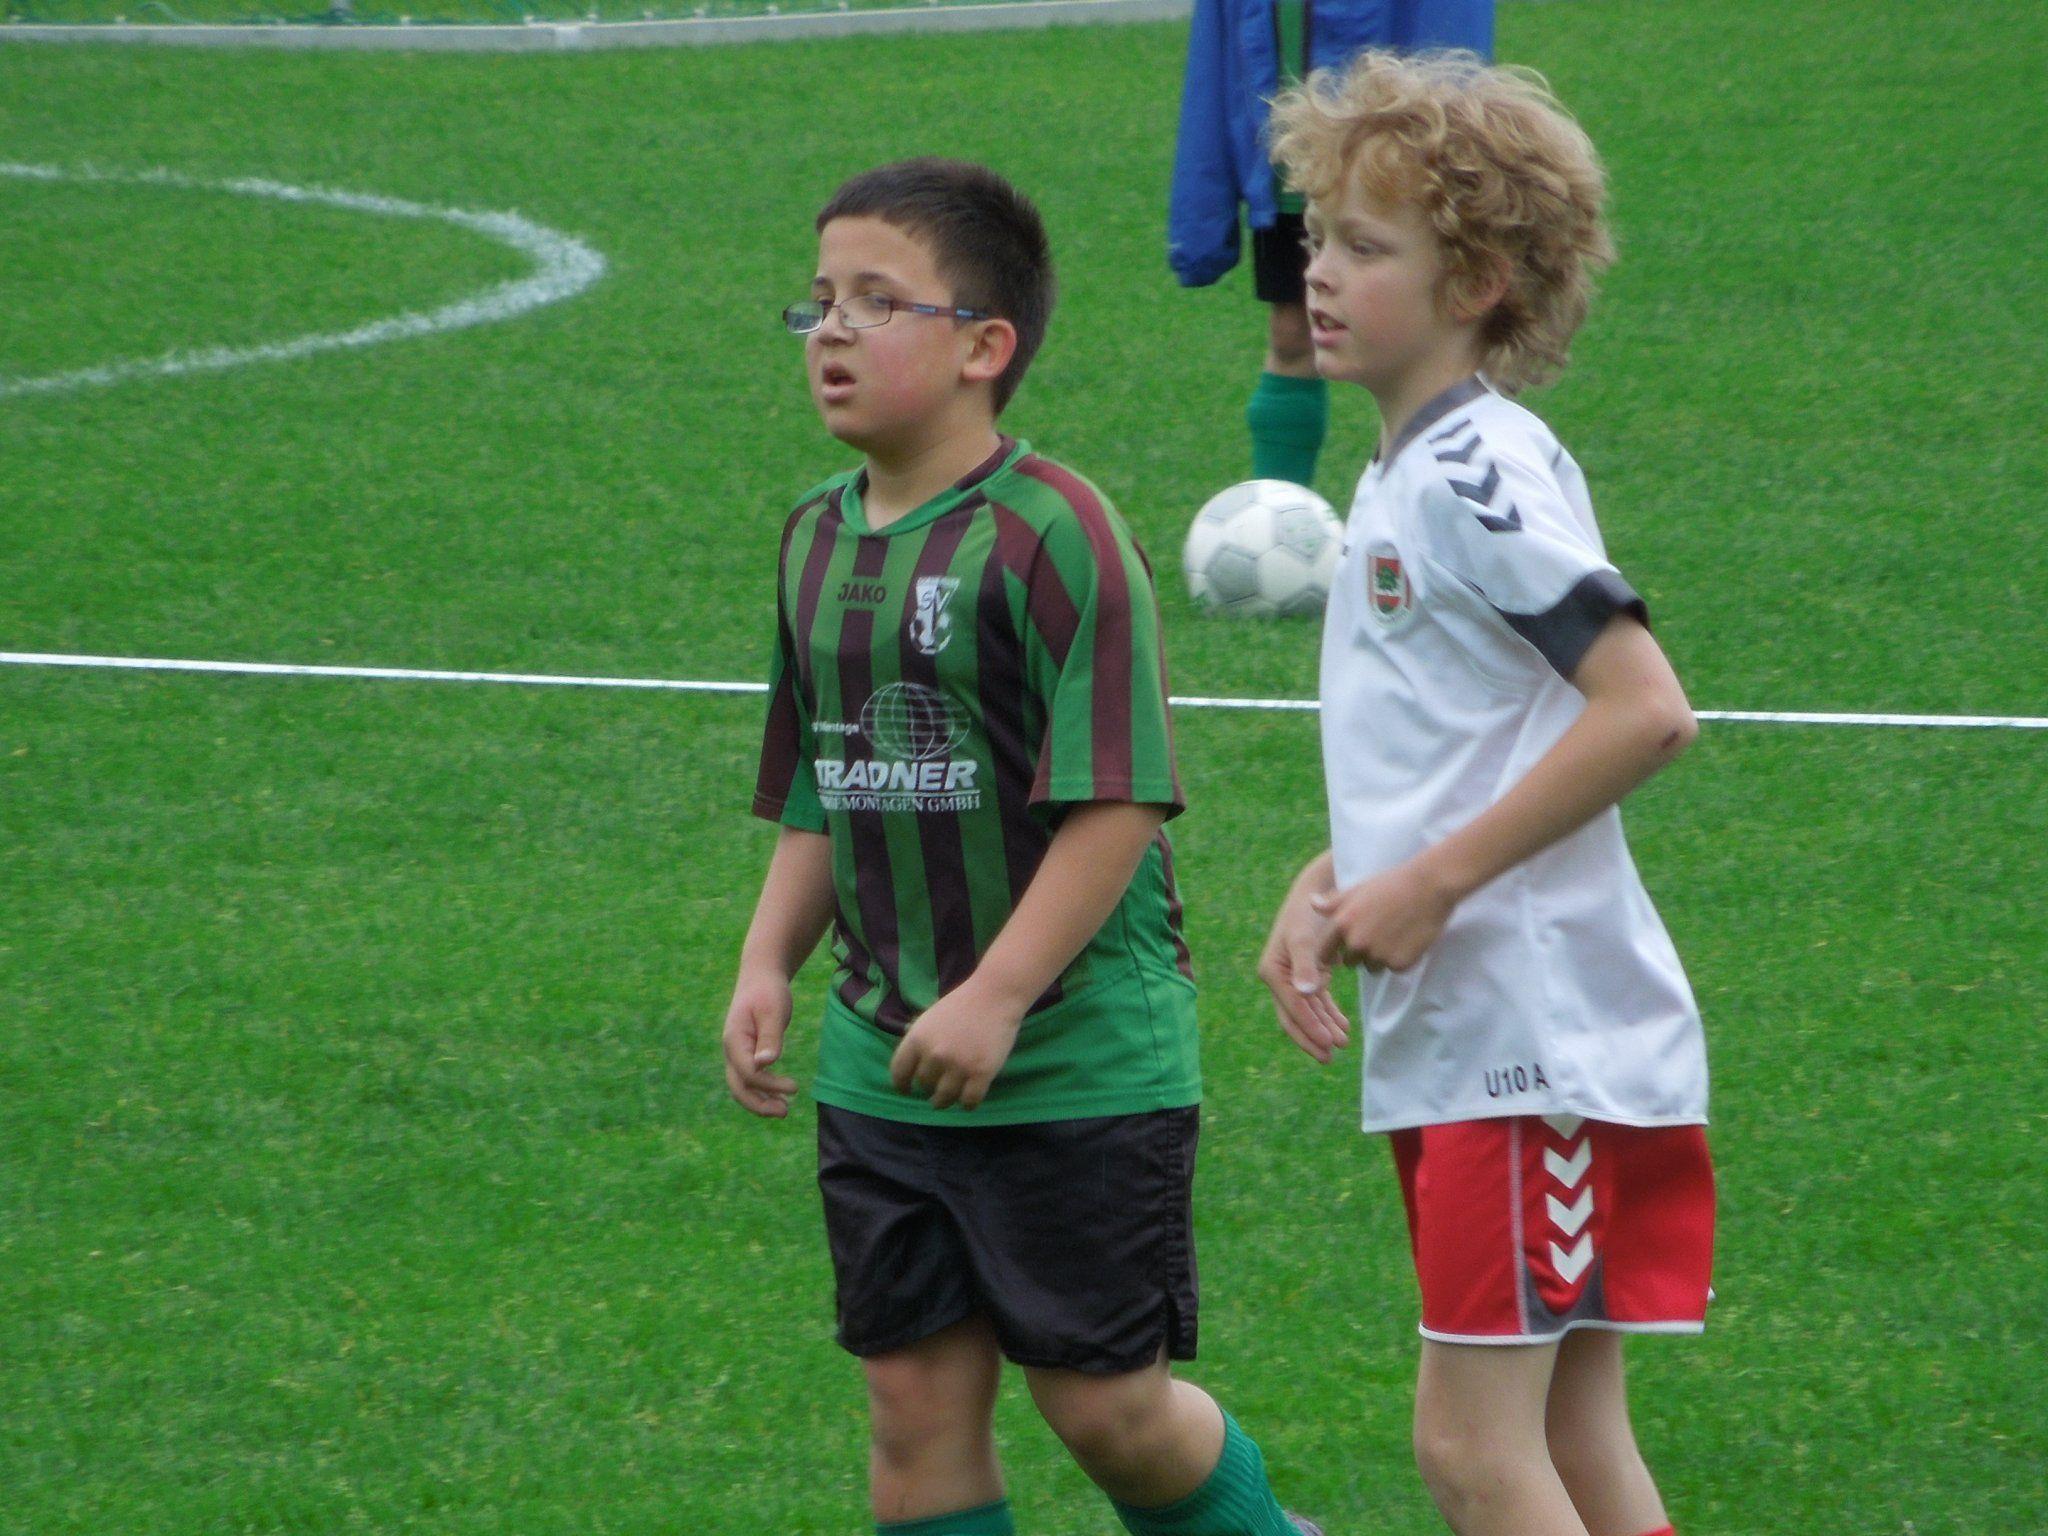 Immer ein fußballerisches Highlight - ein Derby zwischen dem Hella DSV und dem FC Dornbirn.